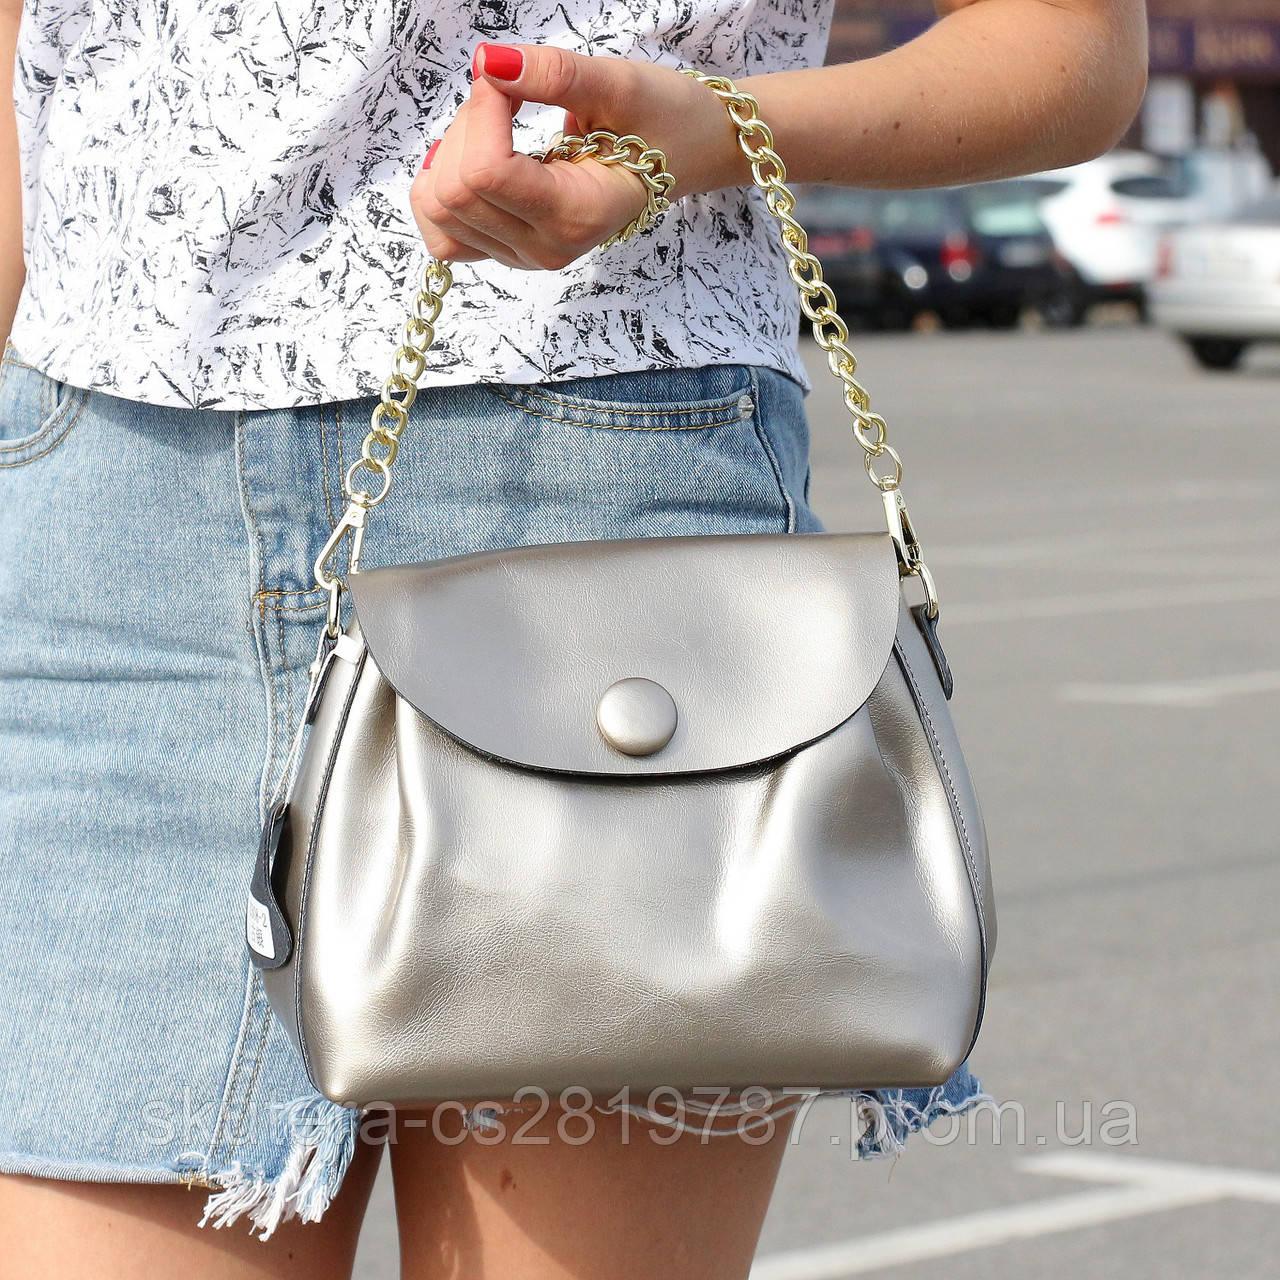 """Женская кожаная сумка """"Пуговка 3 Silver"""", фото 1"""